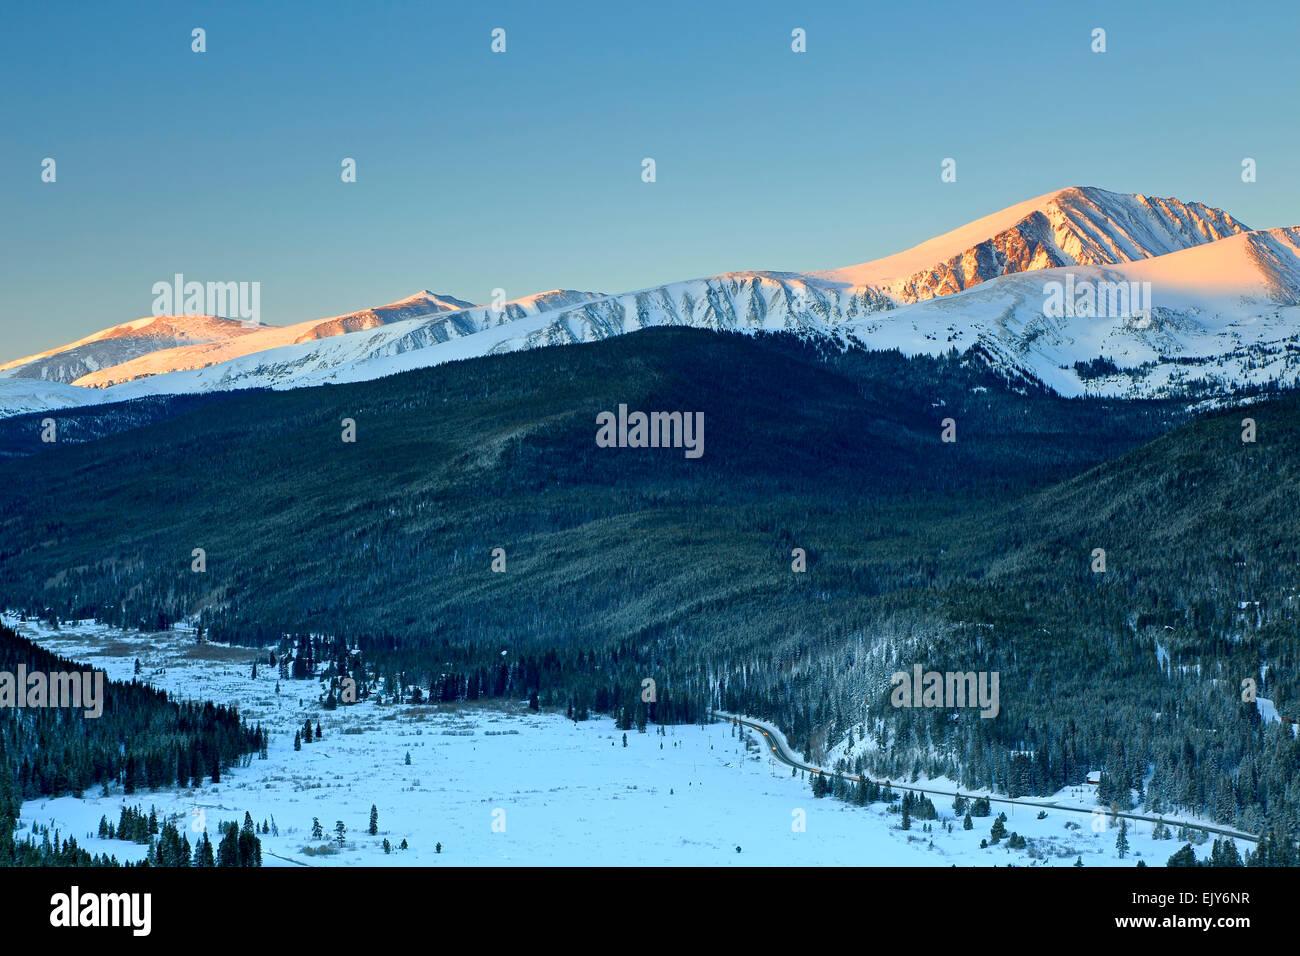 La première lumière sur la neige de pointe (14 265 impasse ft), dix milles, et les pâturages d'oie Photo Stock